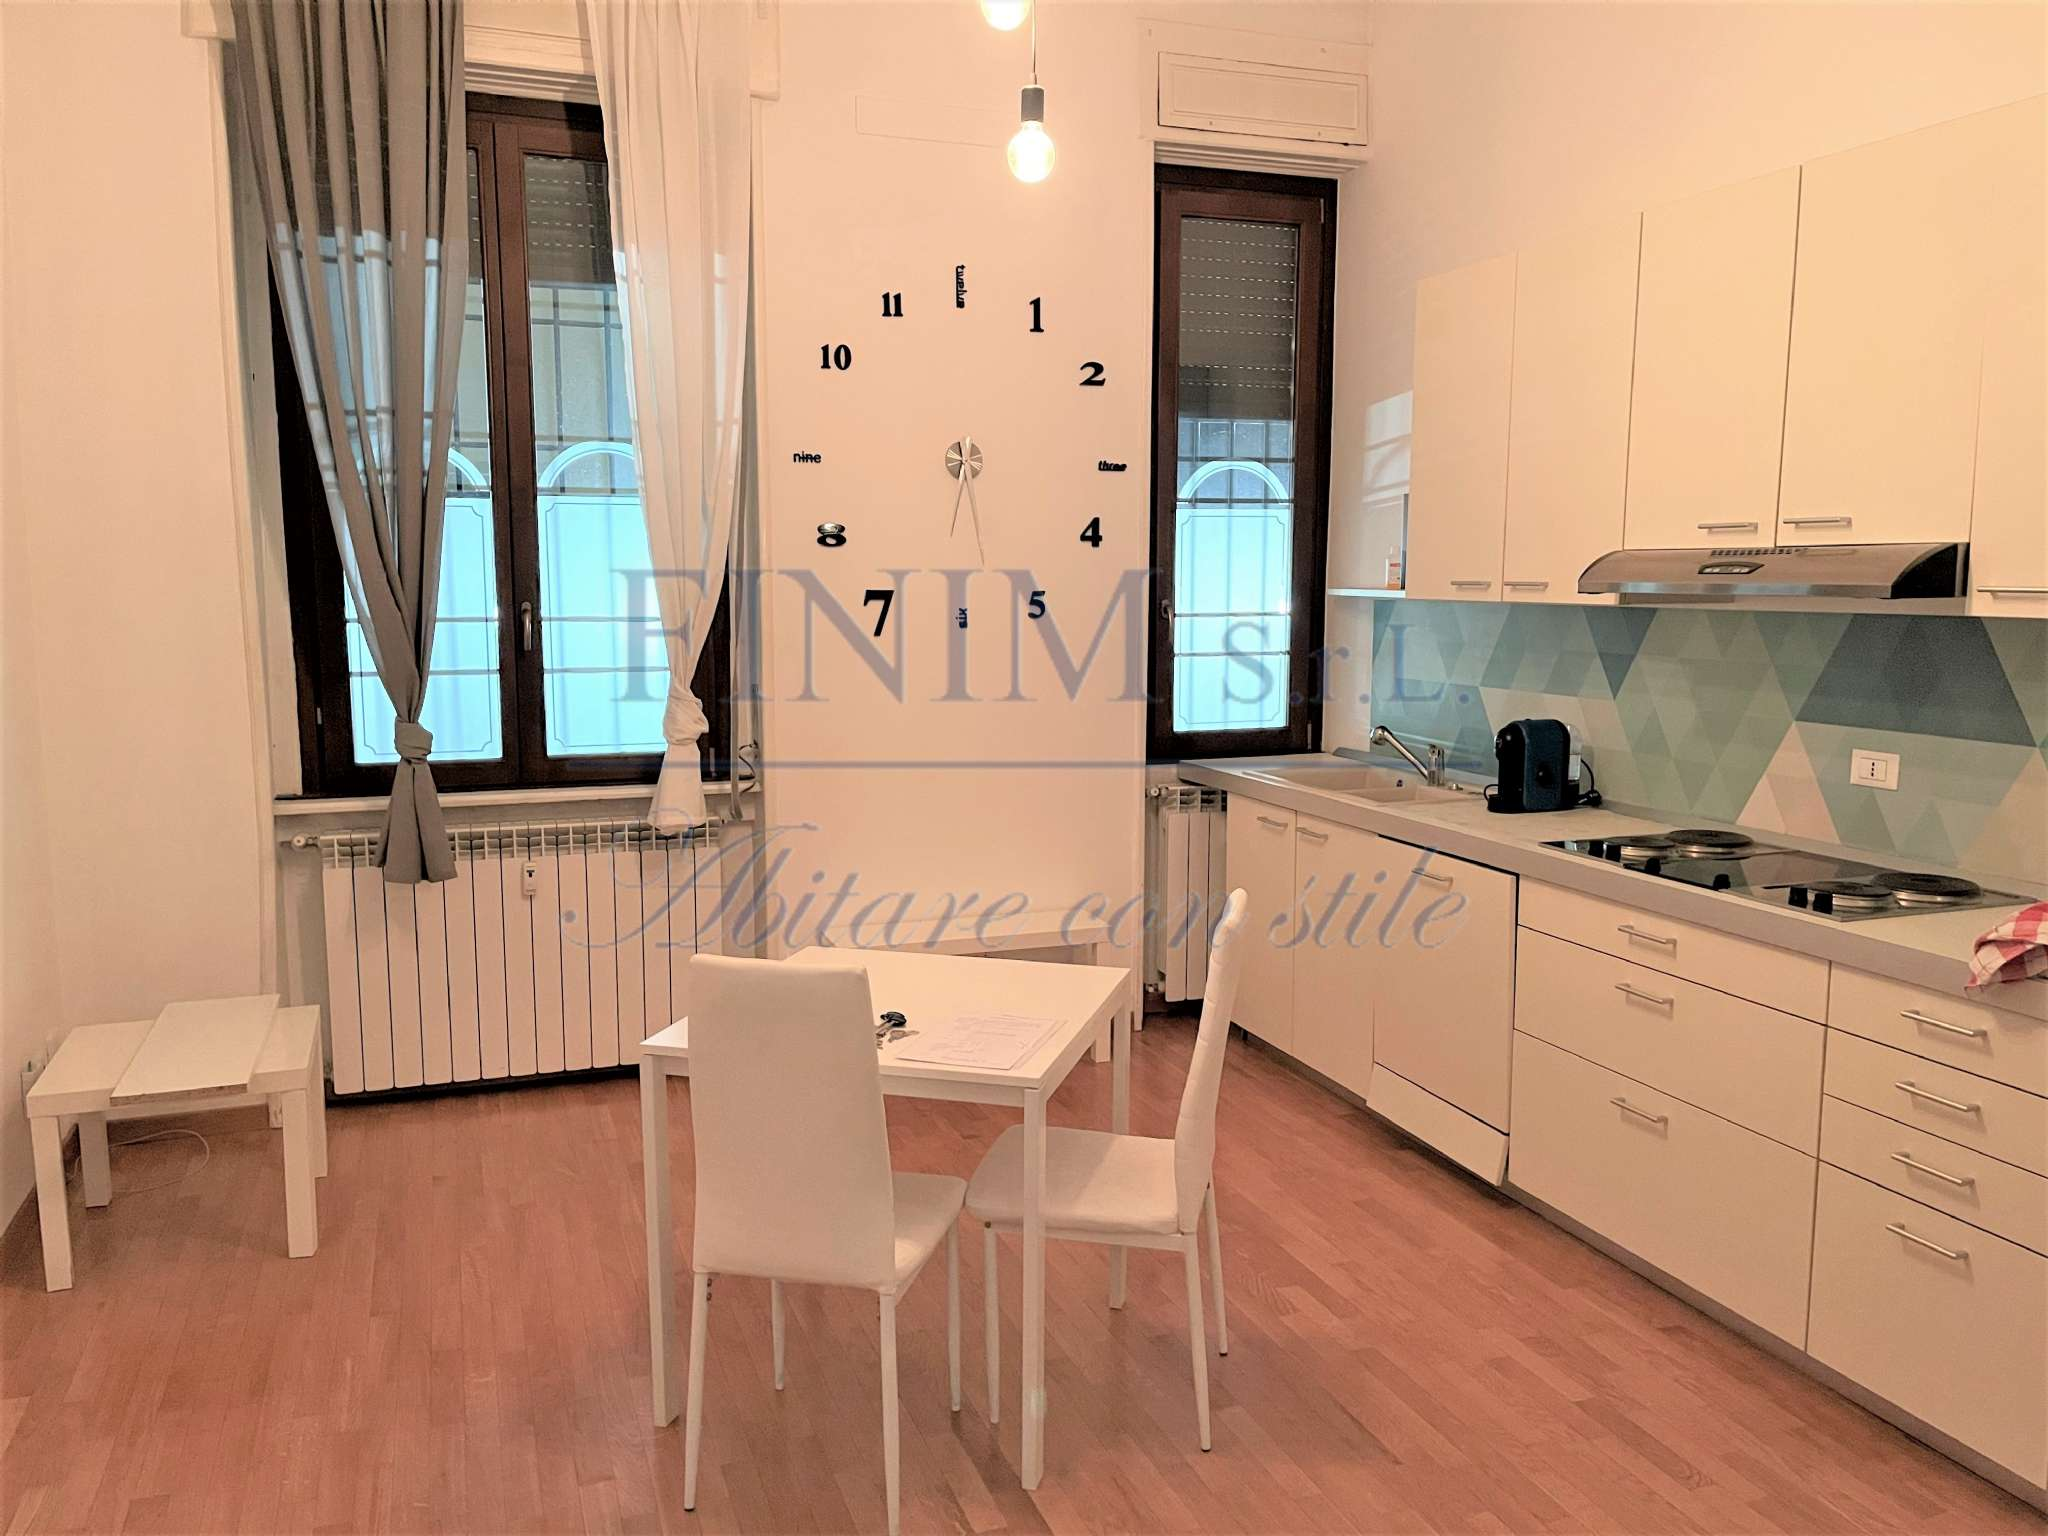 Appartamento in Affitto a Milano 29 Certosa / Bovisa / Dergano / Maciachini / Istria / Testi:  2 locali, 50 mq  - Foto 1